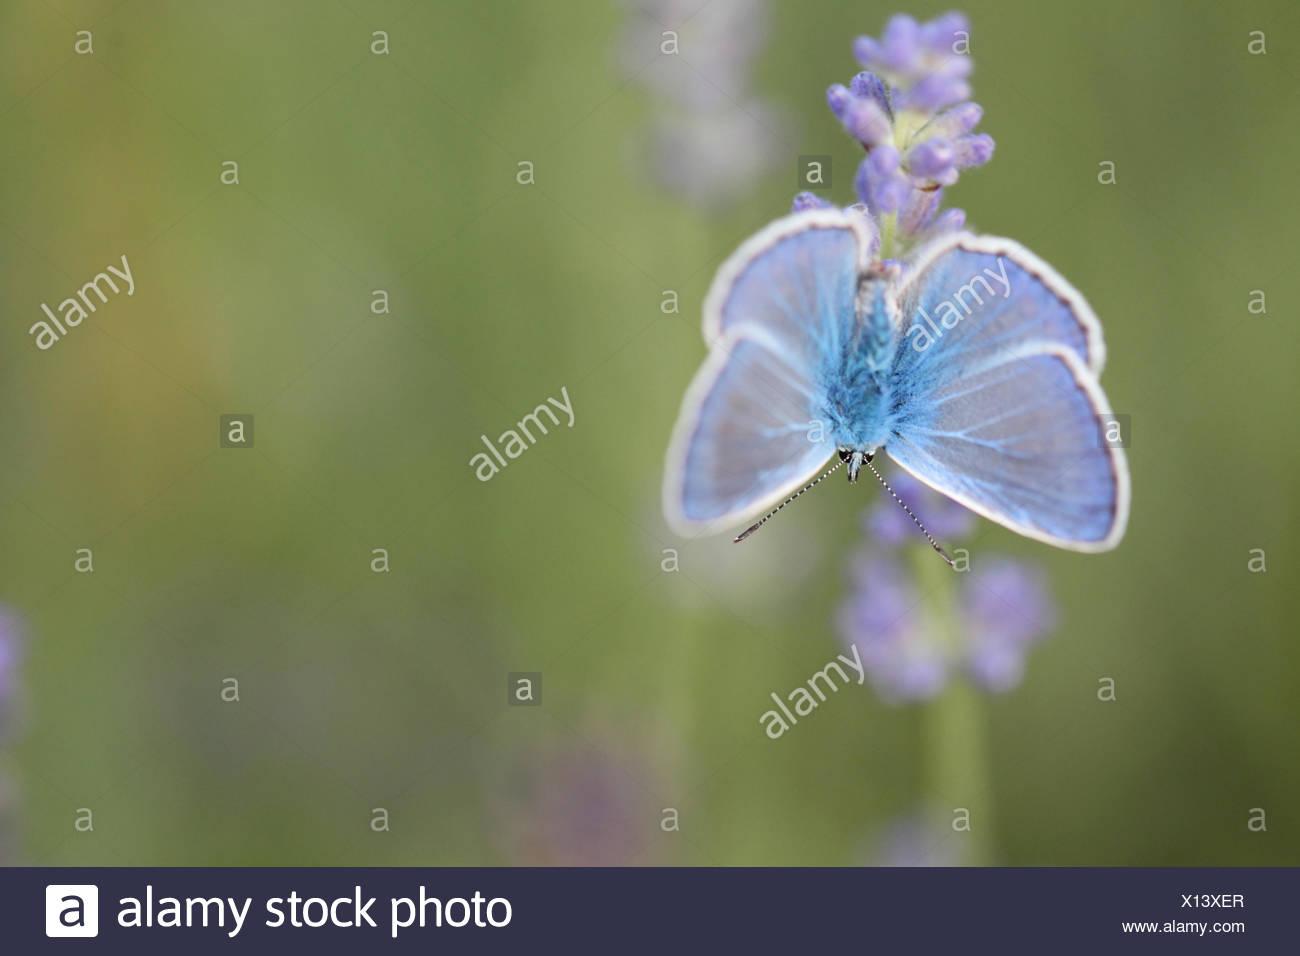 Portrait d'un papillon bleu, Polyommatus icarus, sur une fleur de lavande, Lavandula angustifolia. Photo Stock